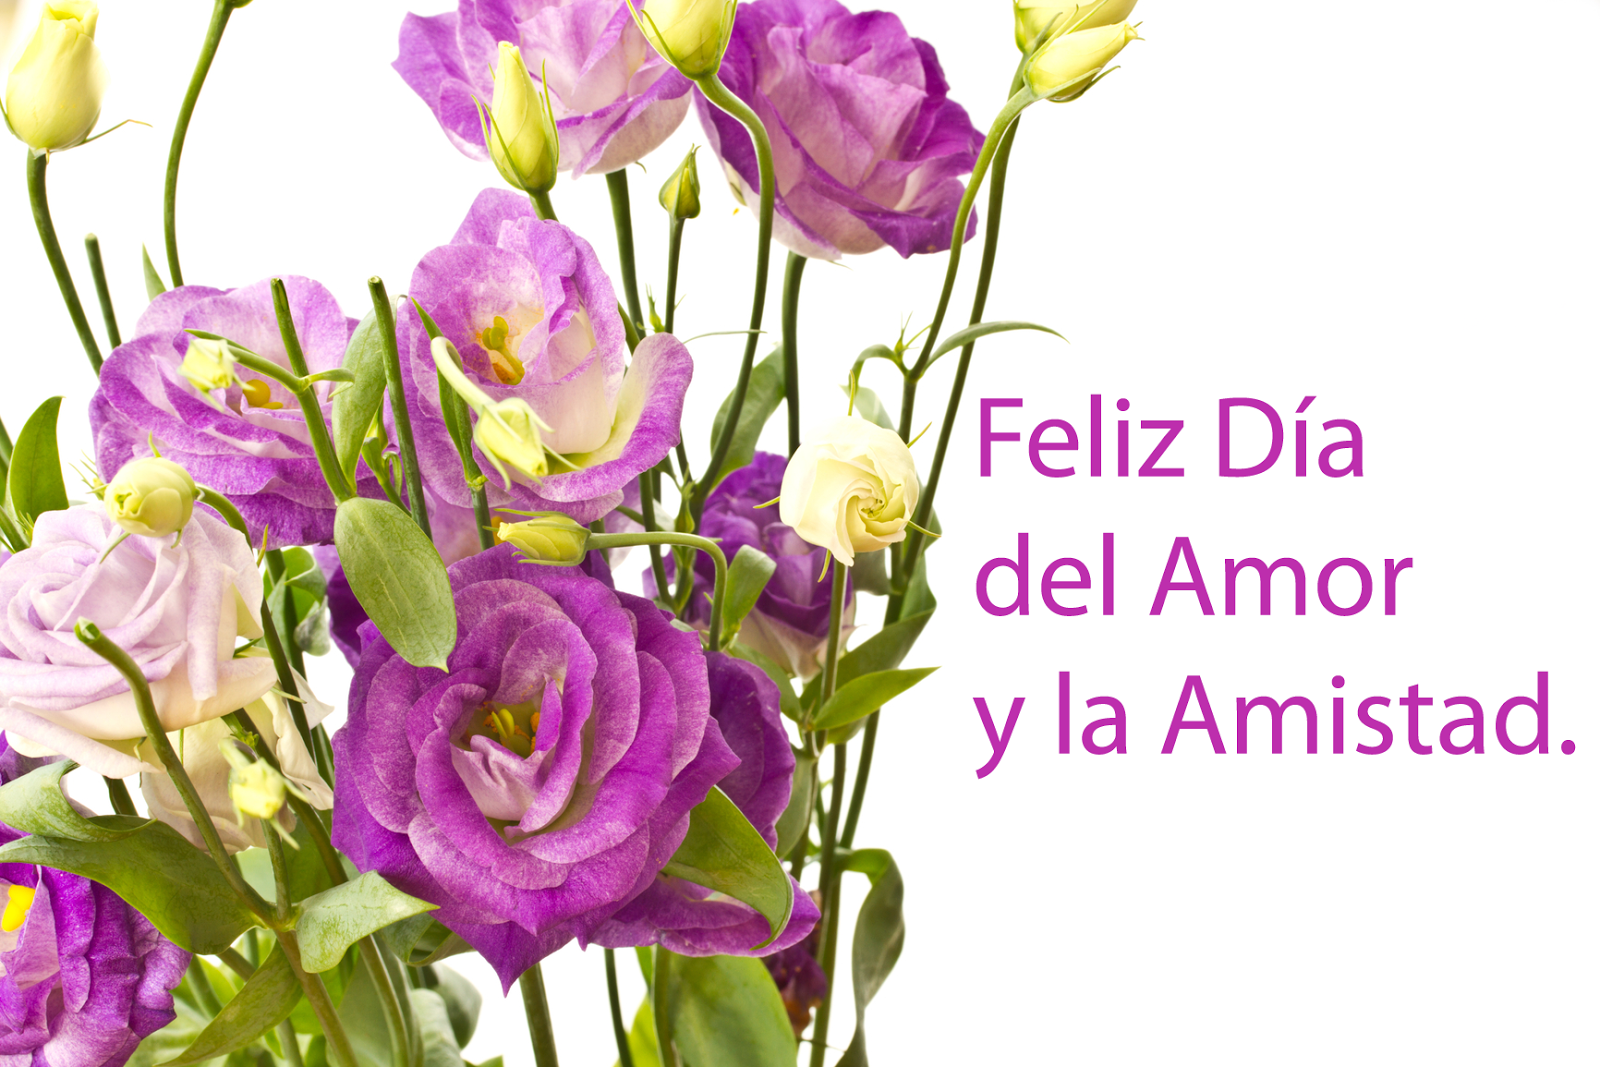 Para Del Dia Y Amor De 14 Febrero El Amistad De En Arreglos La Madera Caja 14 De Febrero